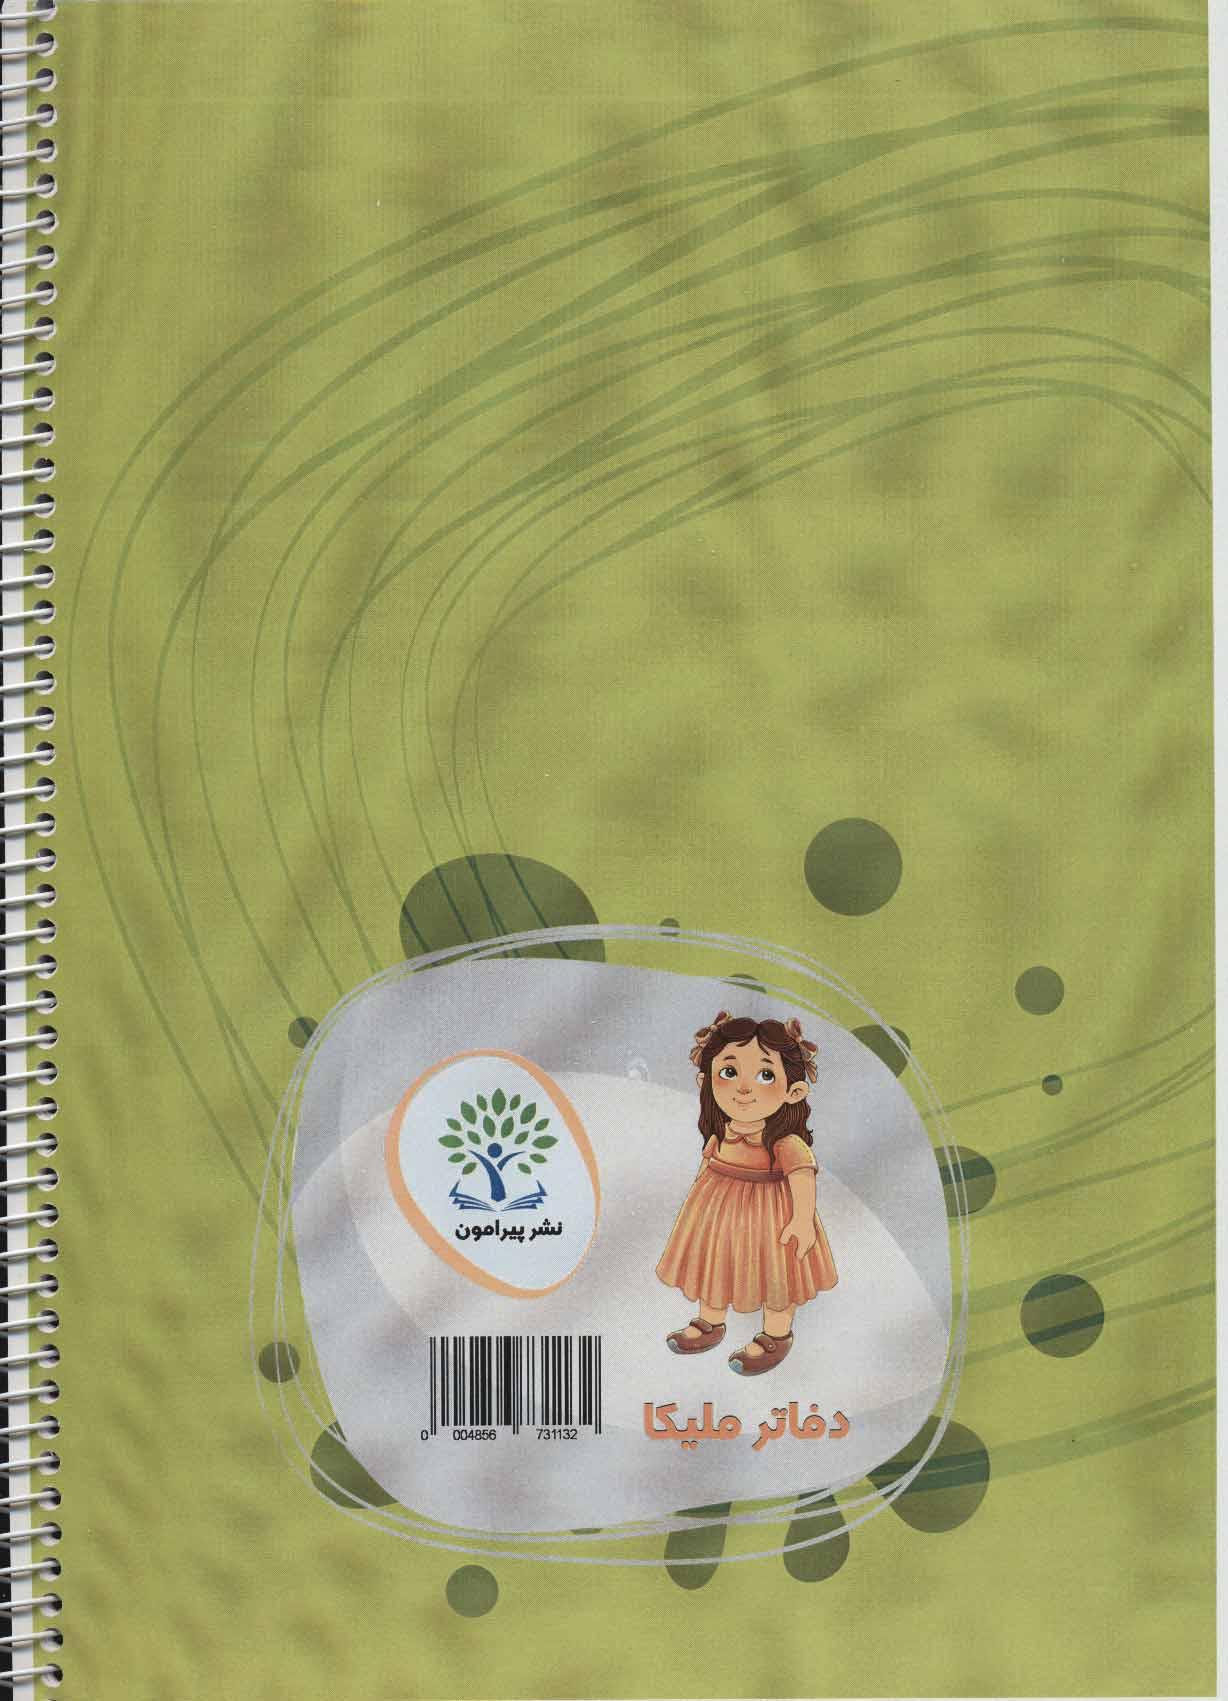 دفتر نقاشی باب اسفنجی (سیمی)